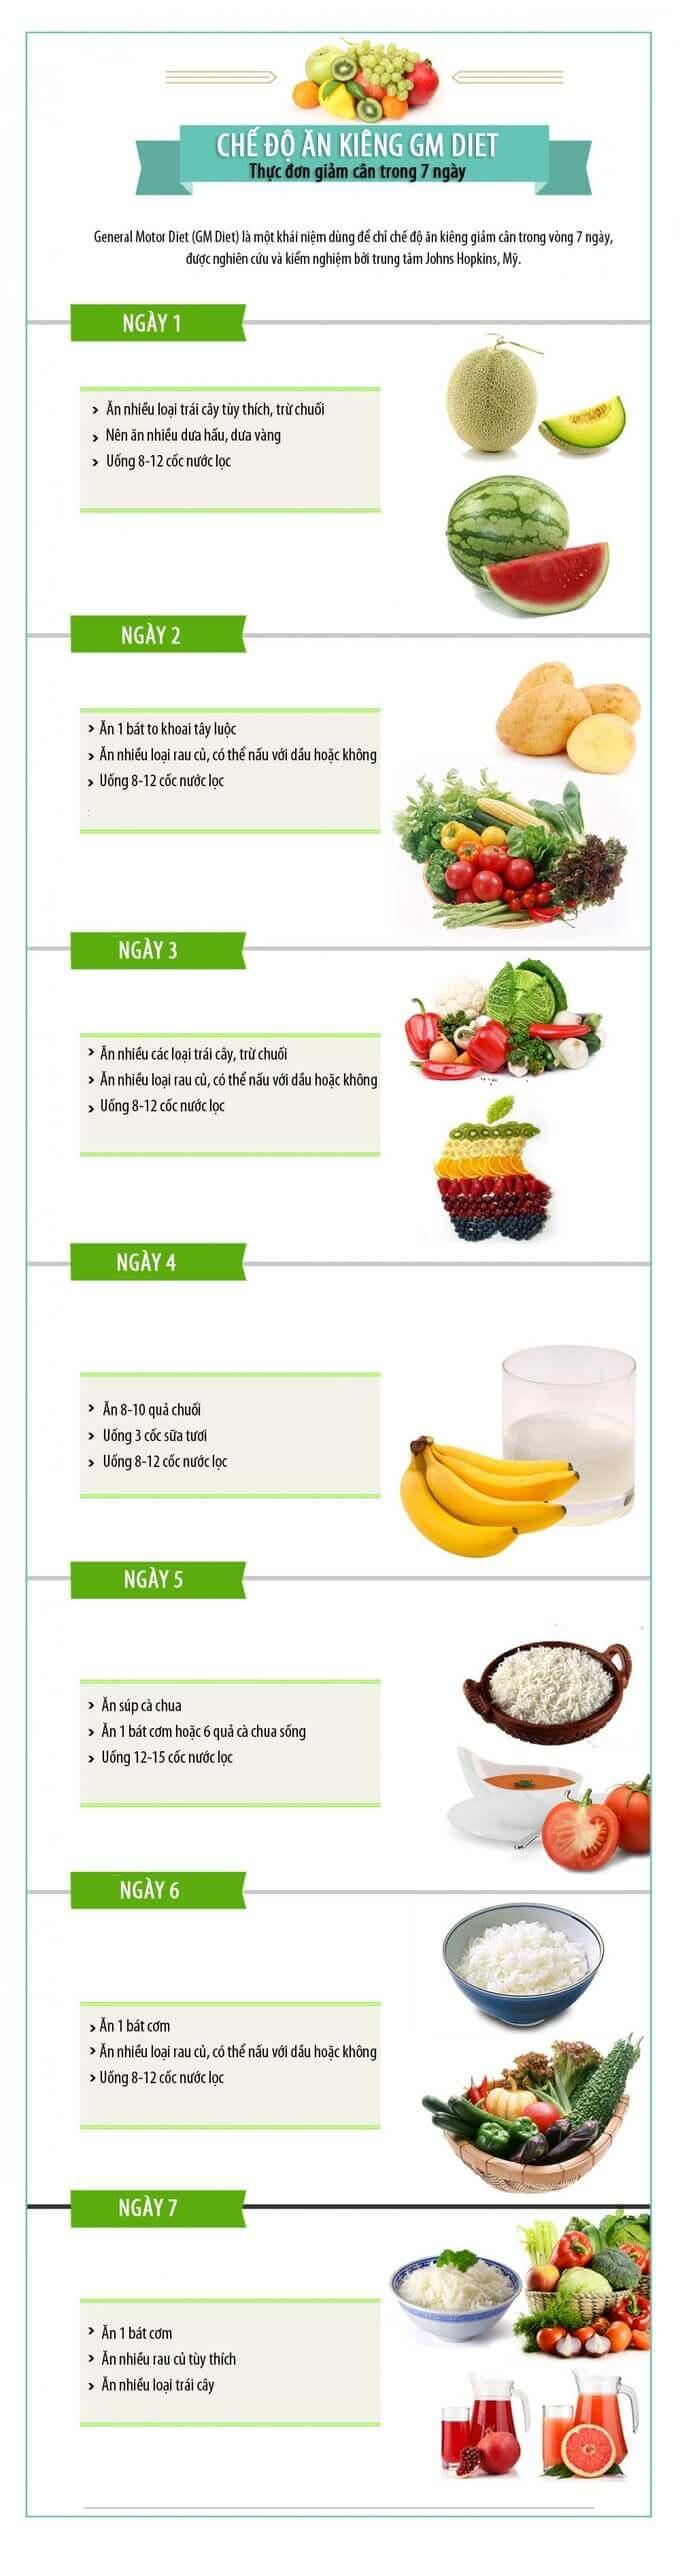 Chế độ ăn kiêng giảm cân General Motor Diet